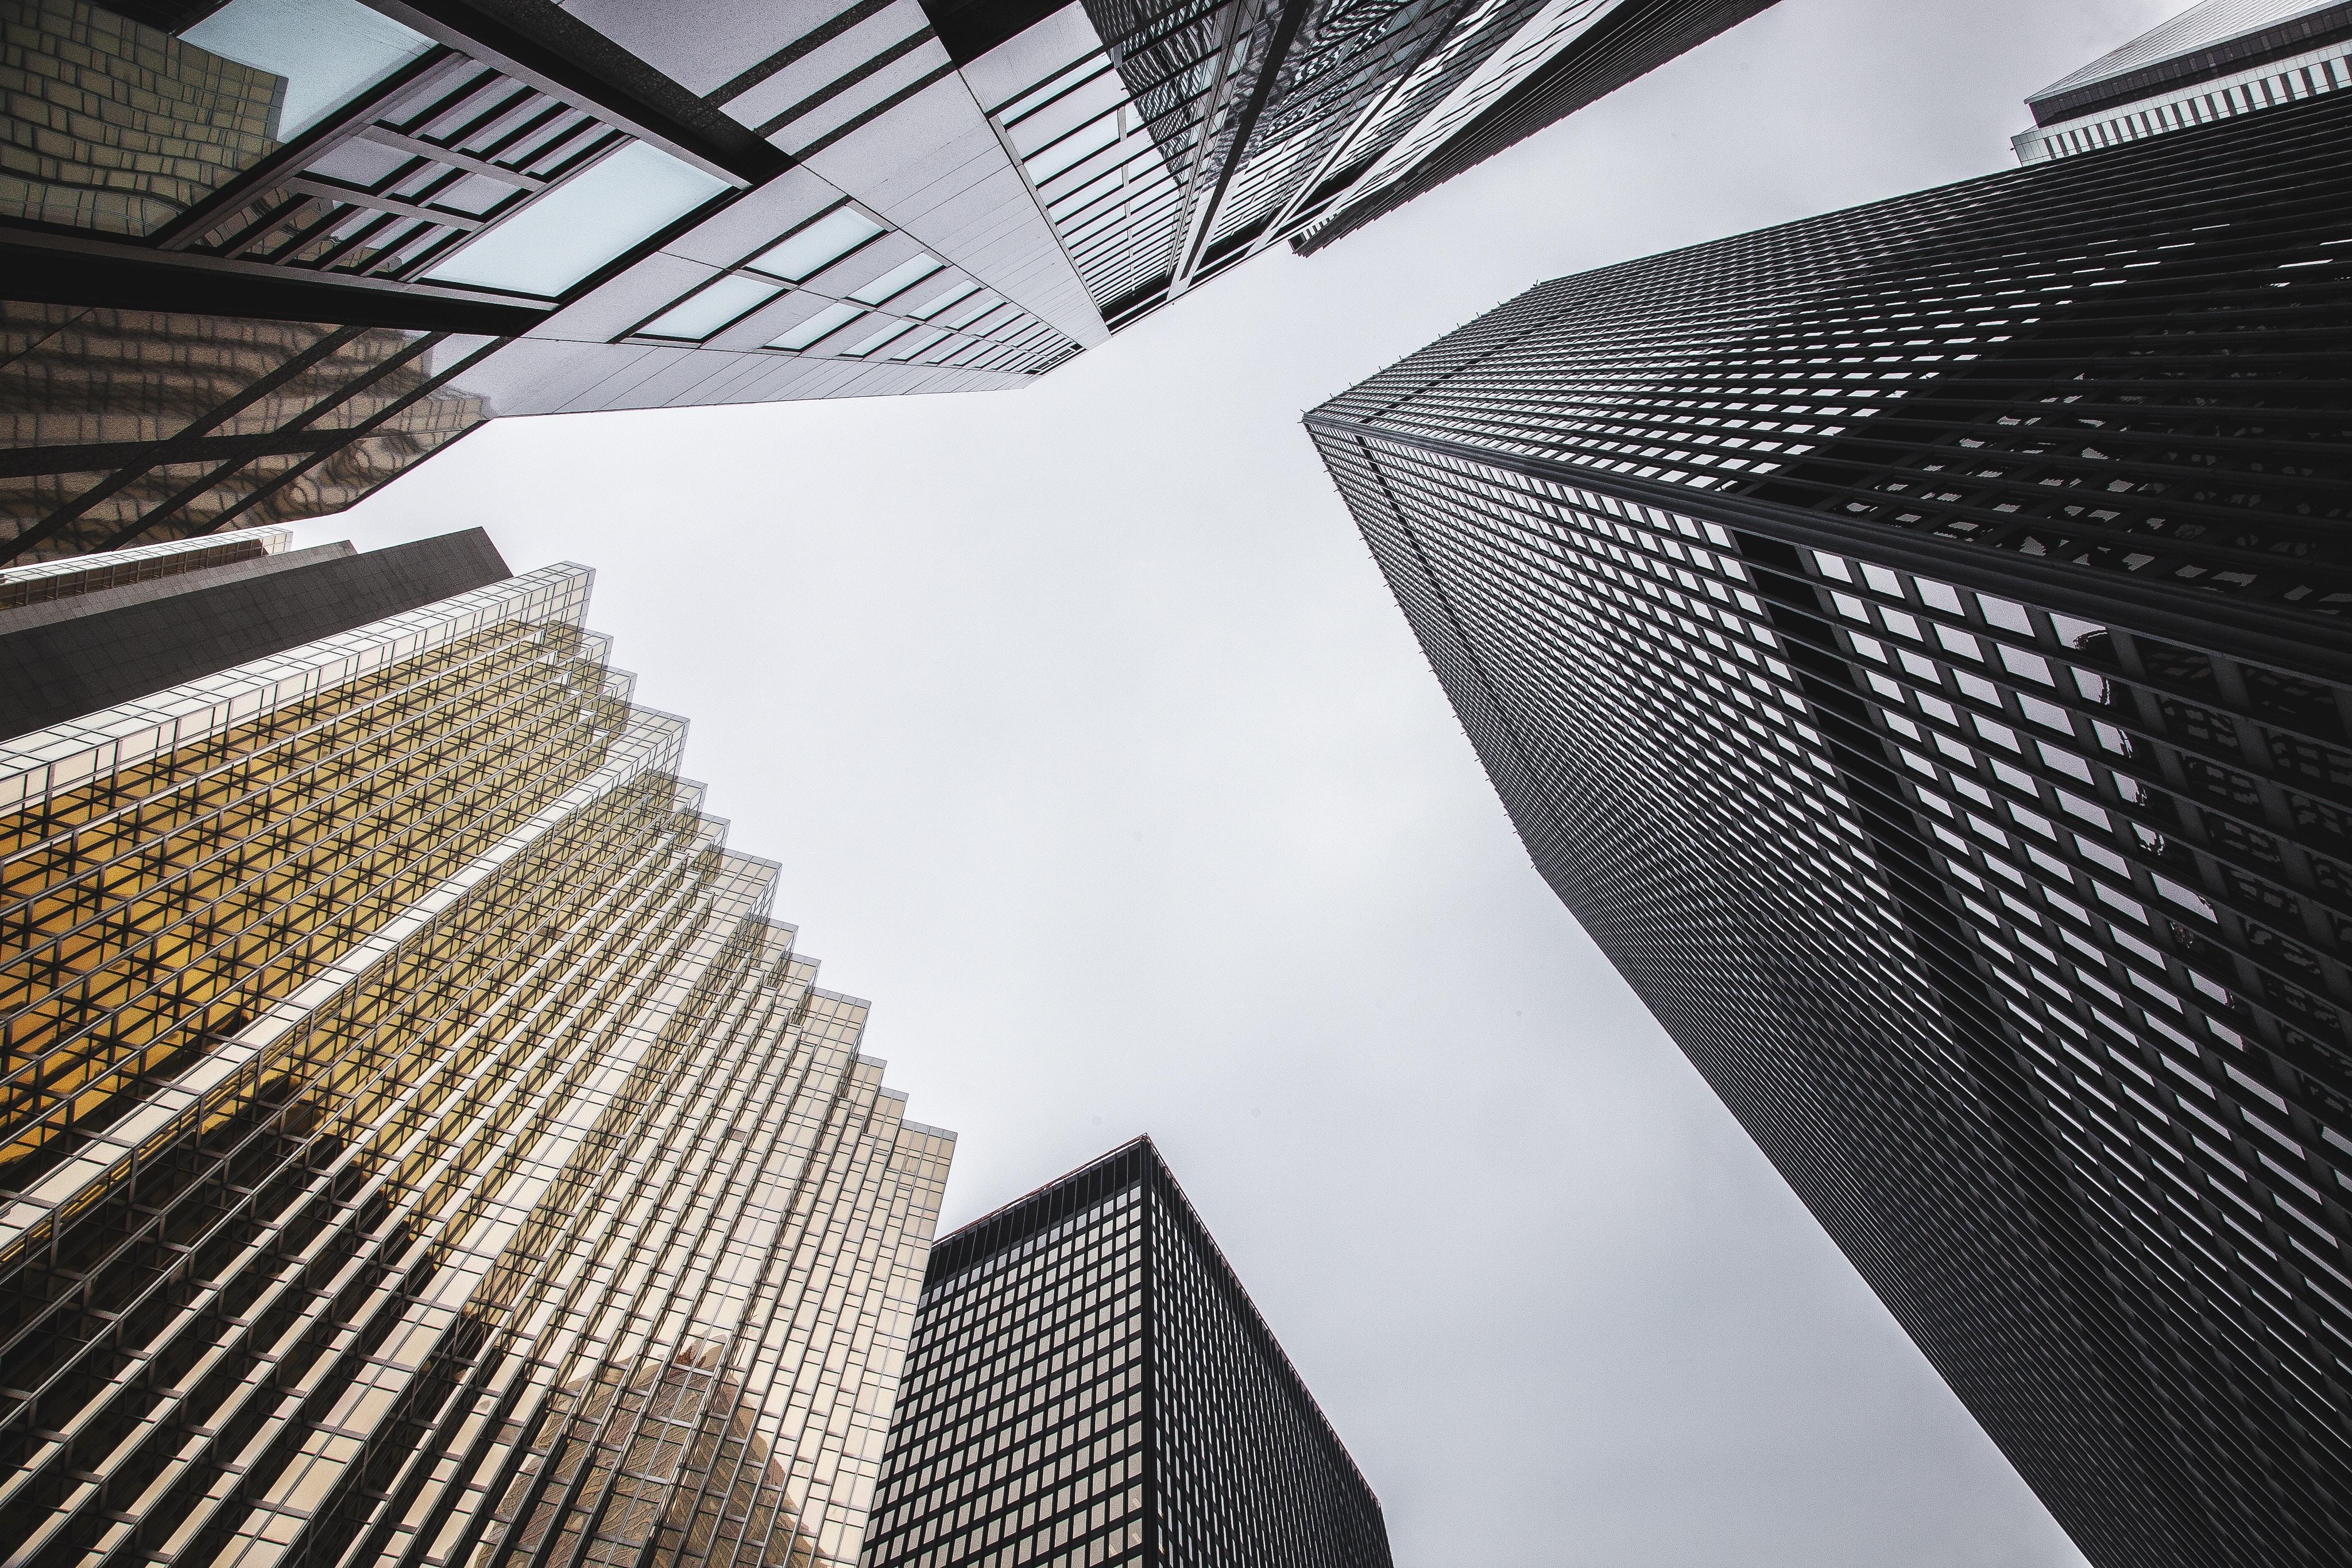 A low-angle shot of several distinct skyscraper facades in Toronto